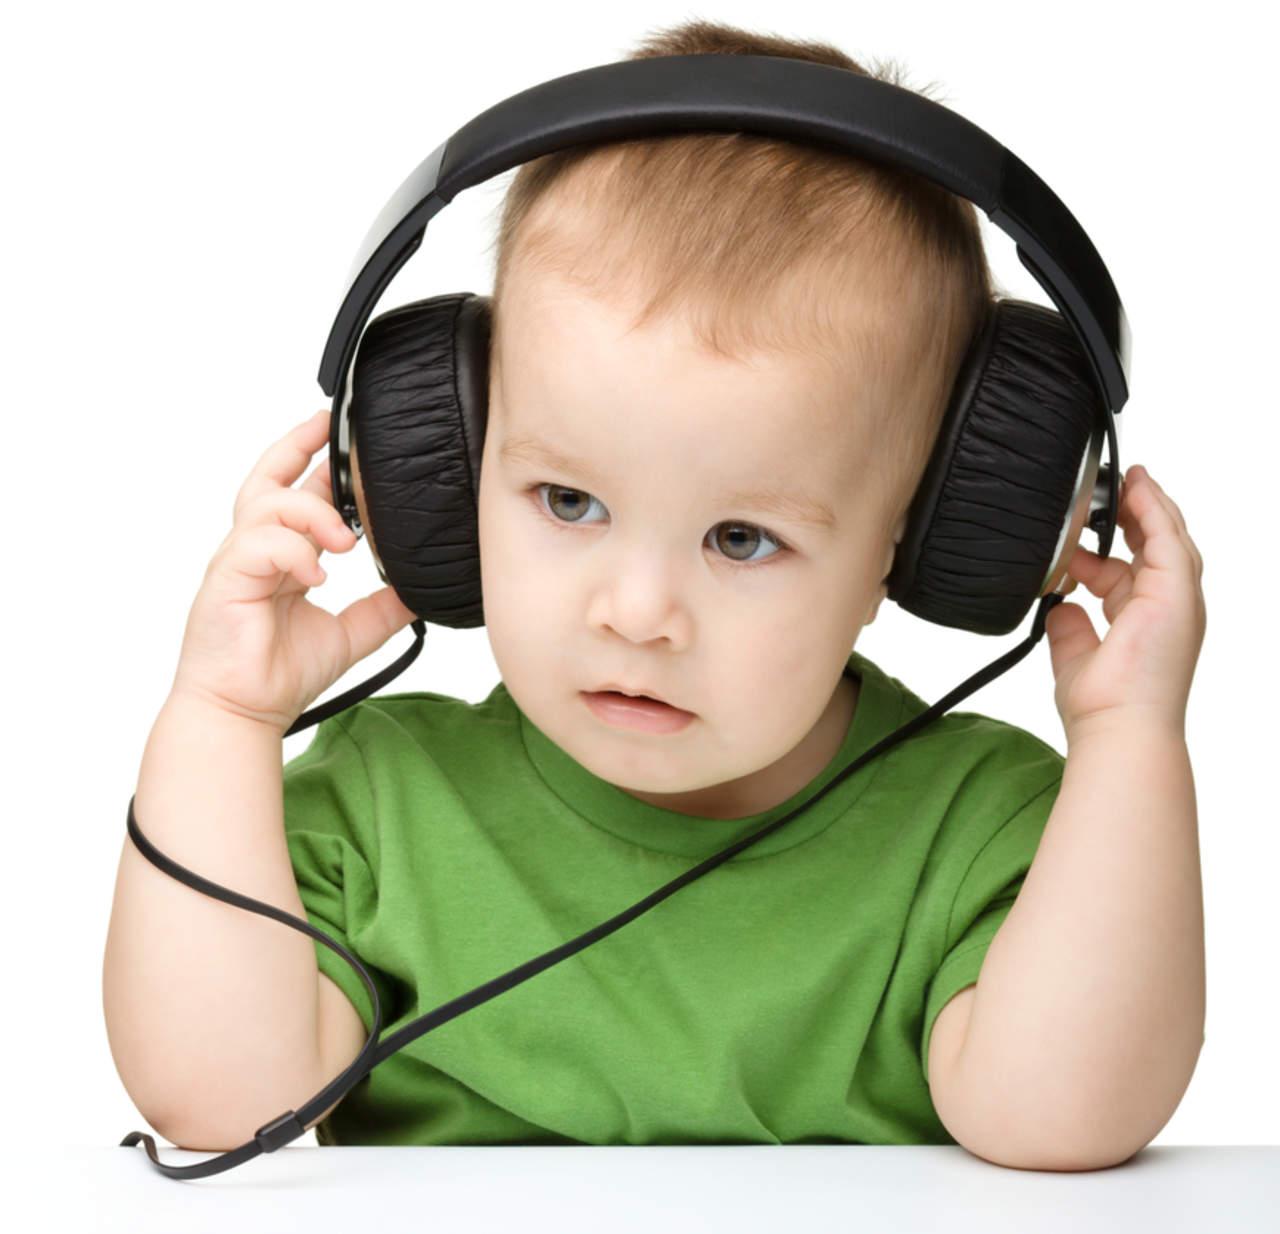 Escuchar a Mozart no hace a los niños más inteligentes